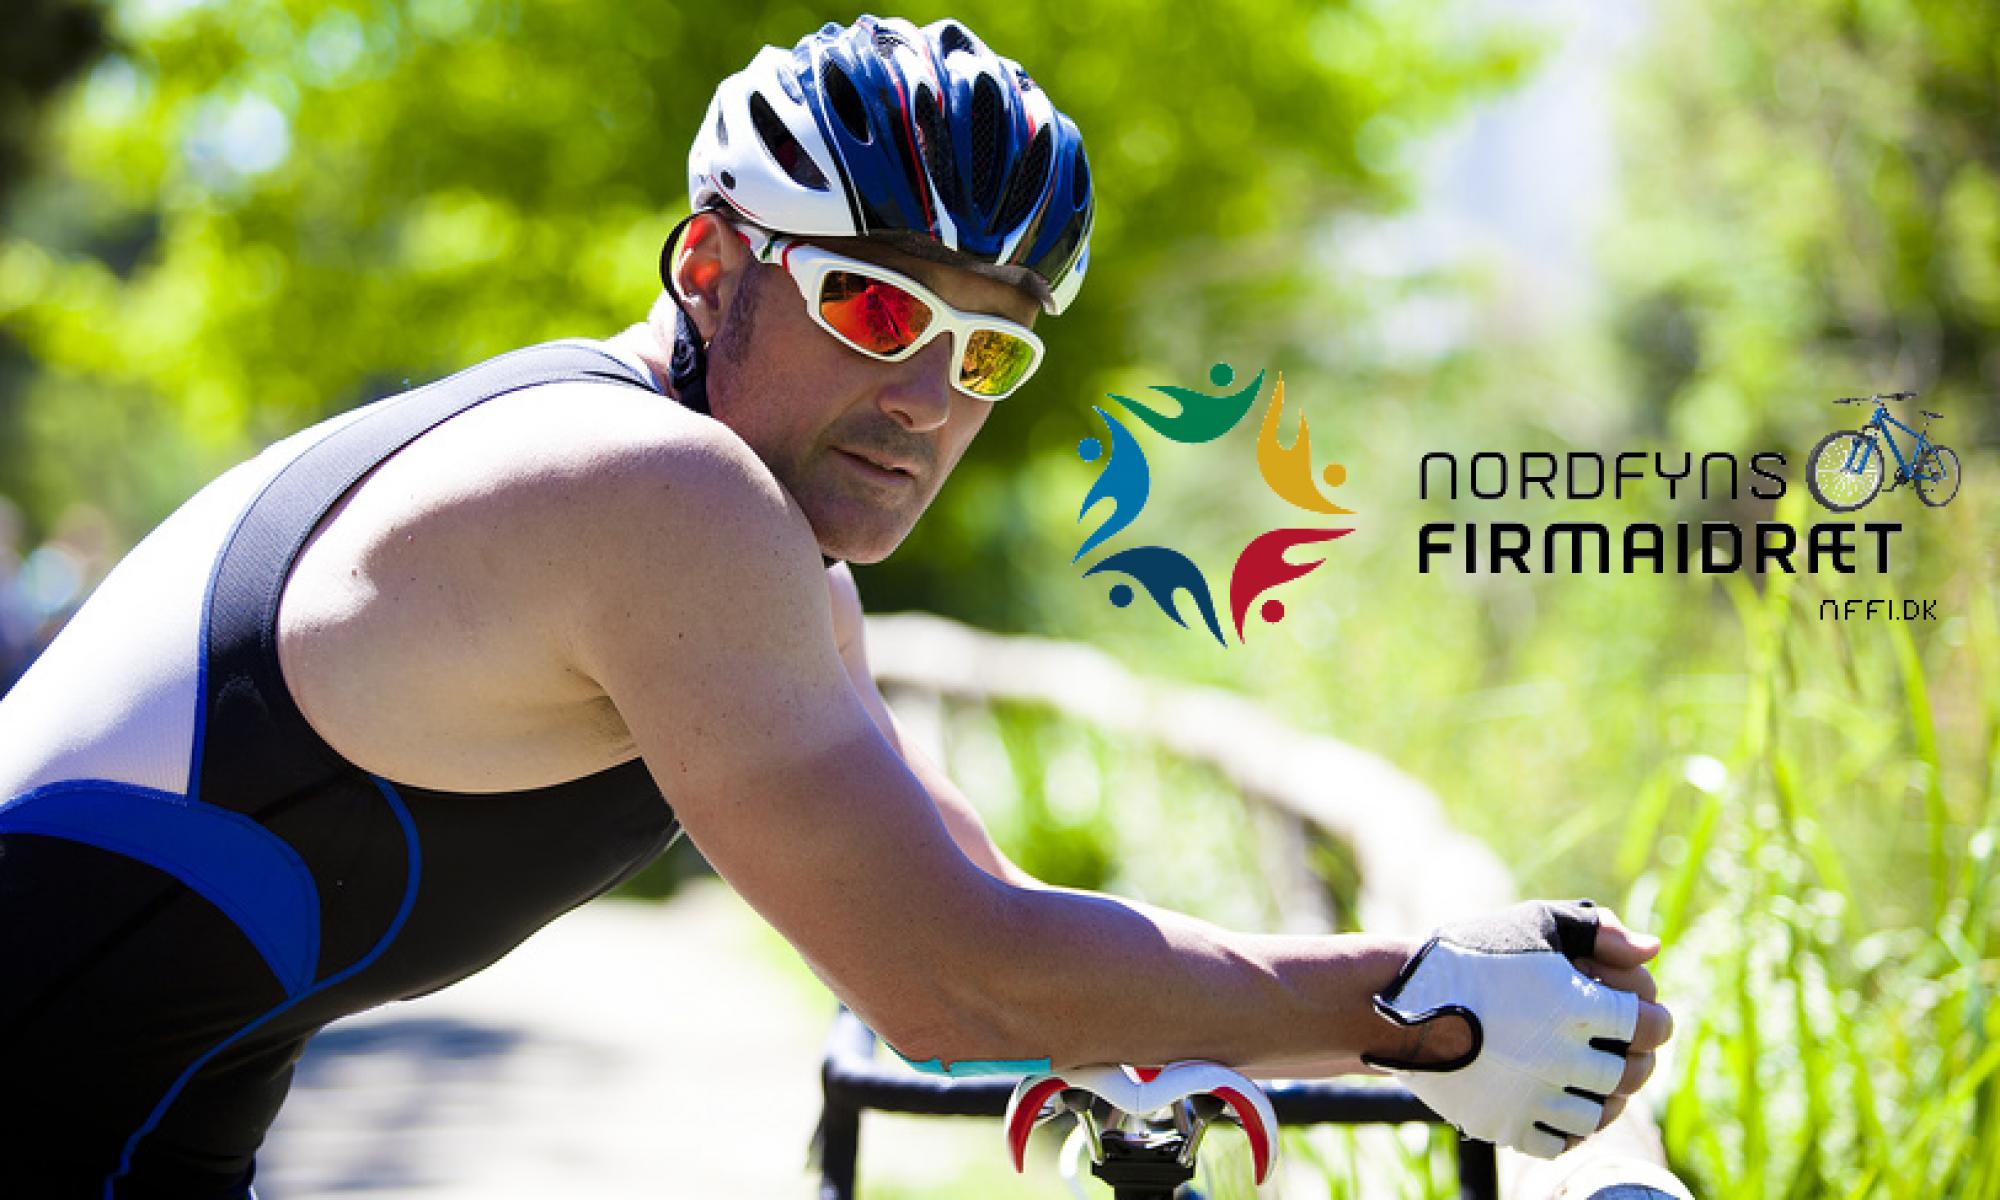 Nordfyns Firma Idræt - Cykling